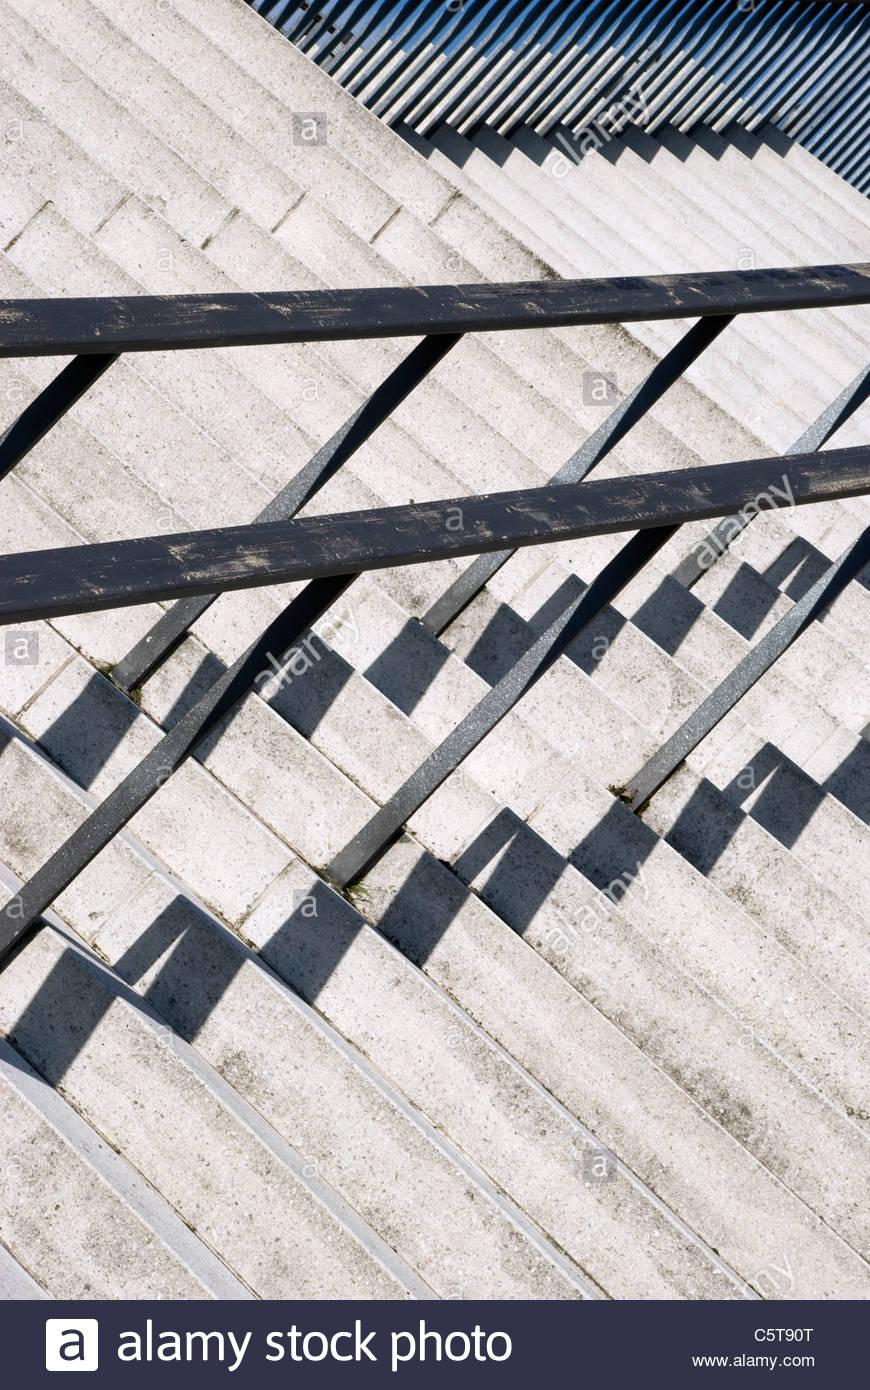 Alemania, Berlín, Casa de las Culturas del Mundo, la escalera, close-up Imagen De Stock